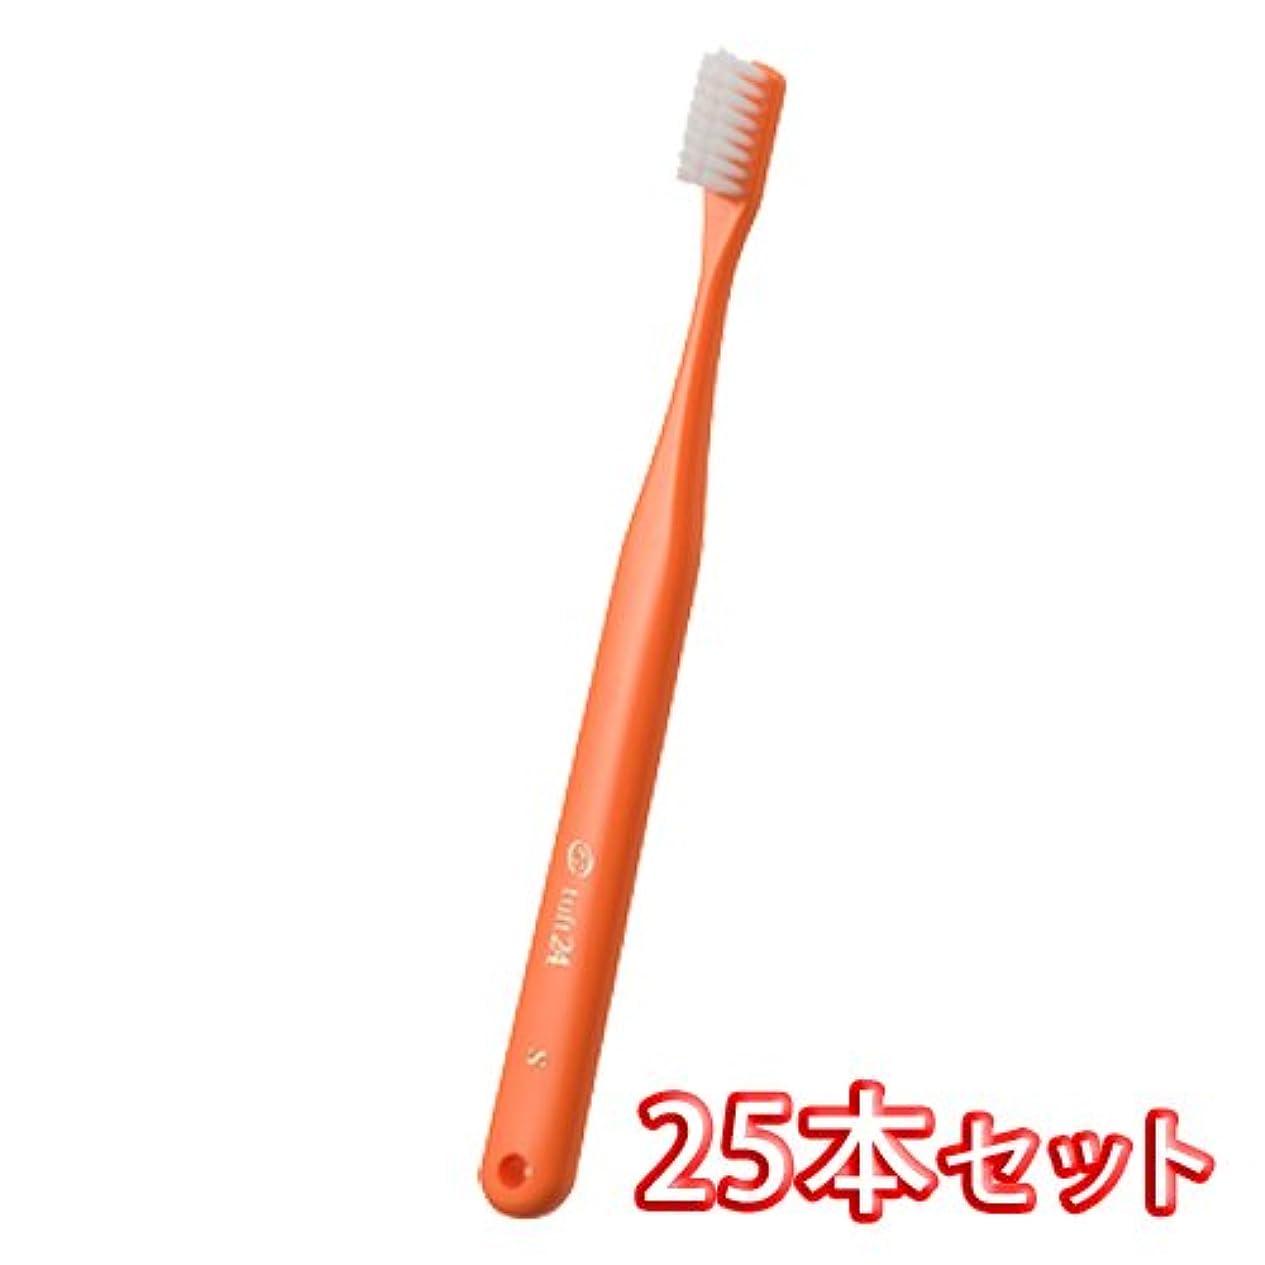 息を切らしてナサニエル区どこでもオーラルケア キャップ付き タフト 24 歯ブラシ 25本入 ミディアムソフト MS (オレンジ)